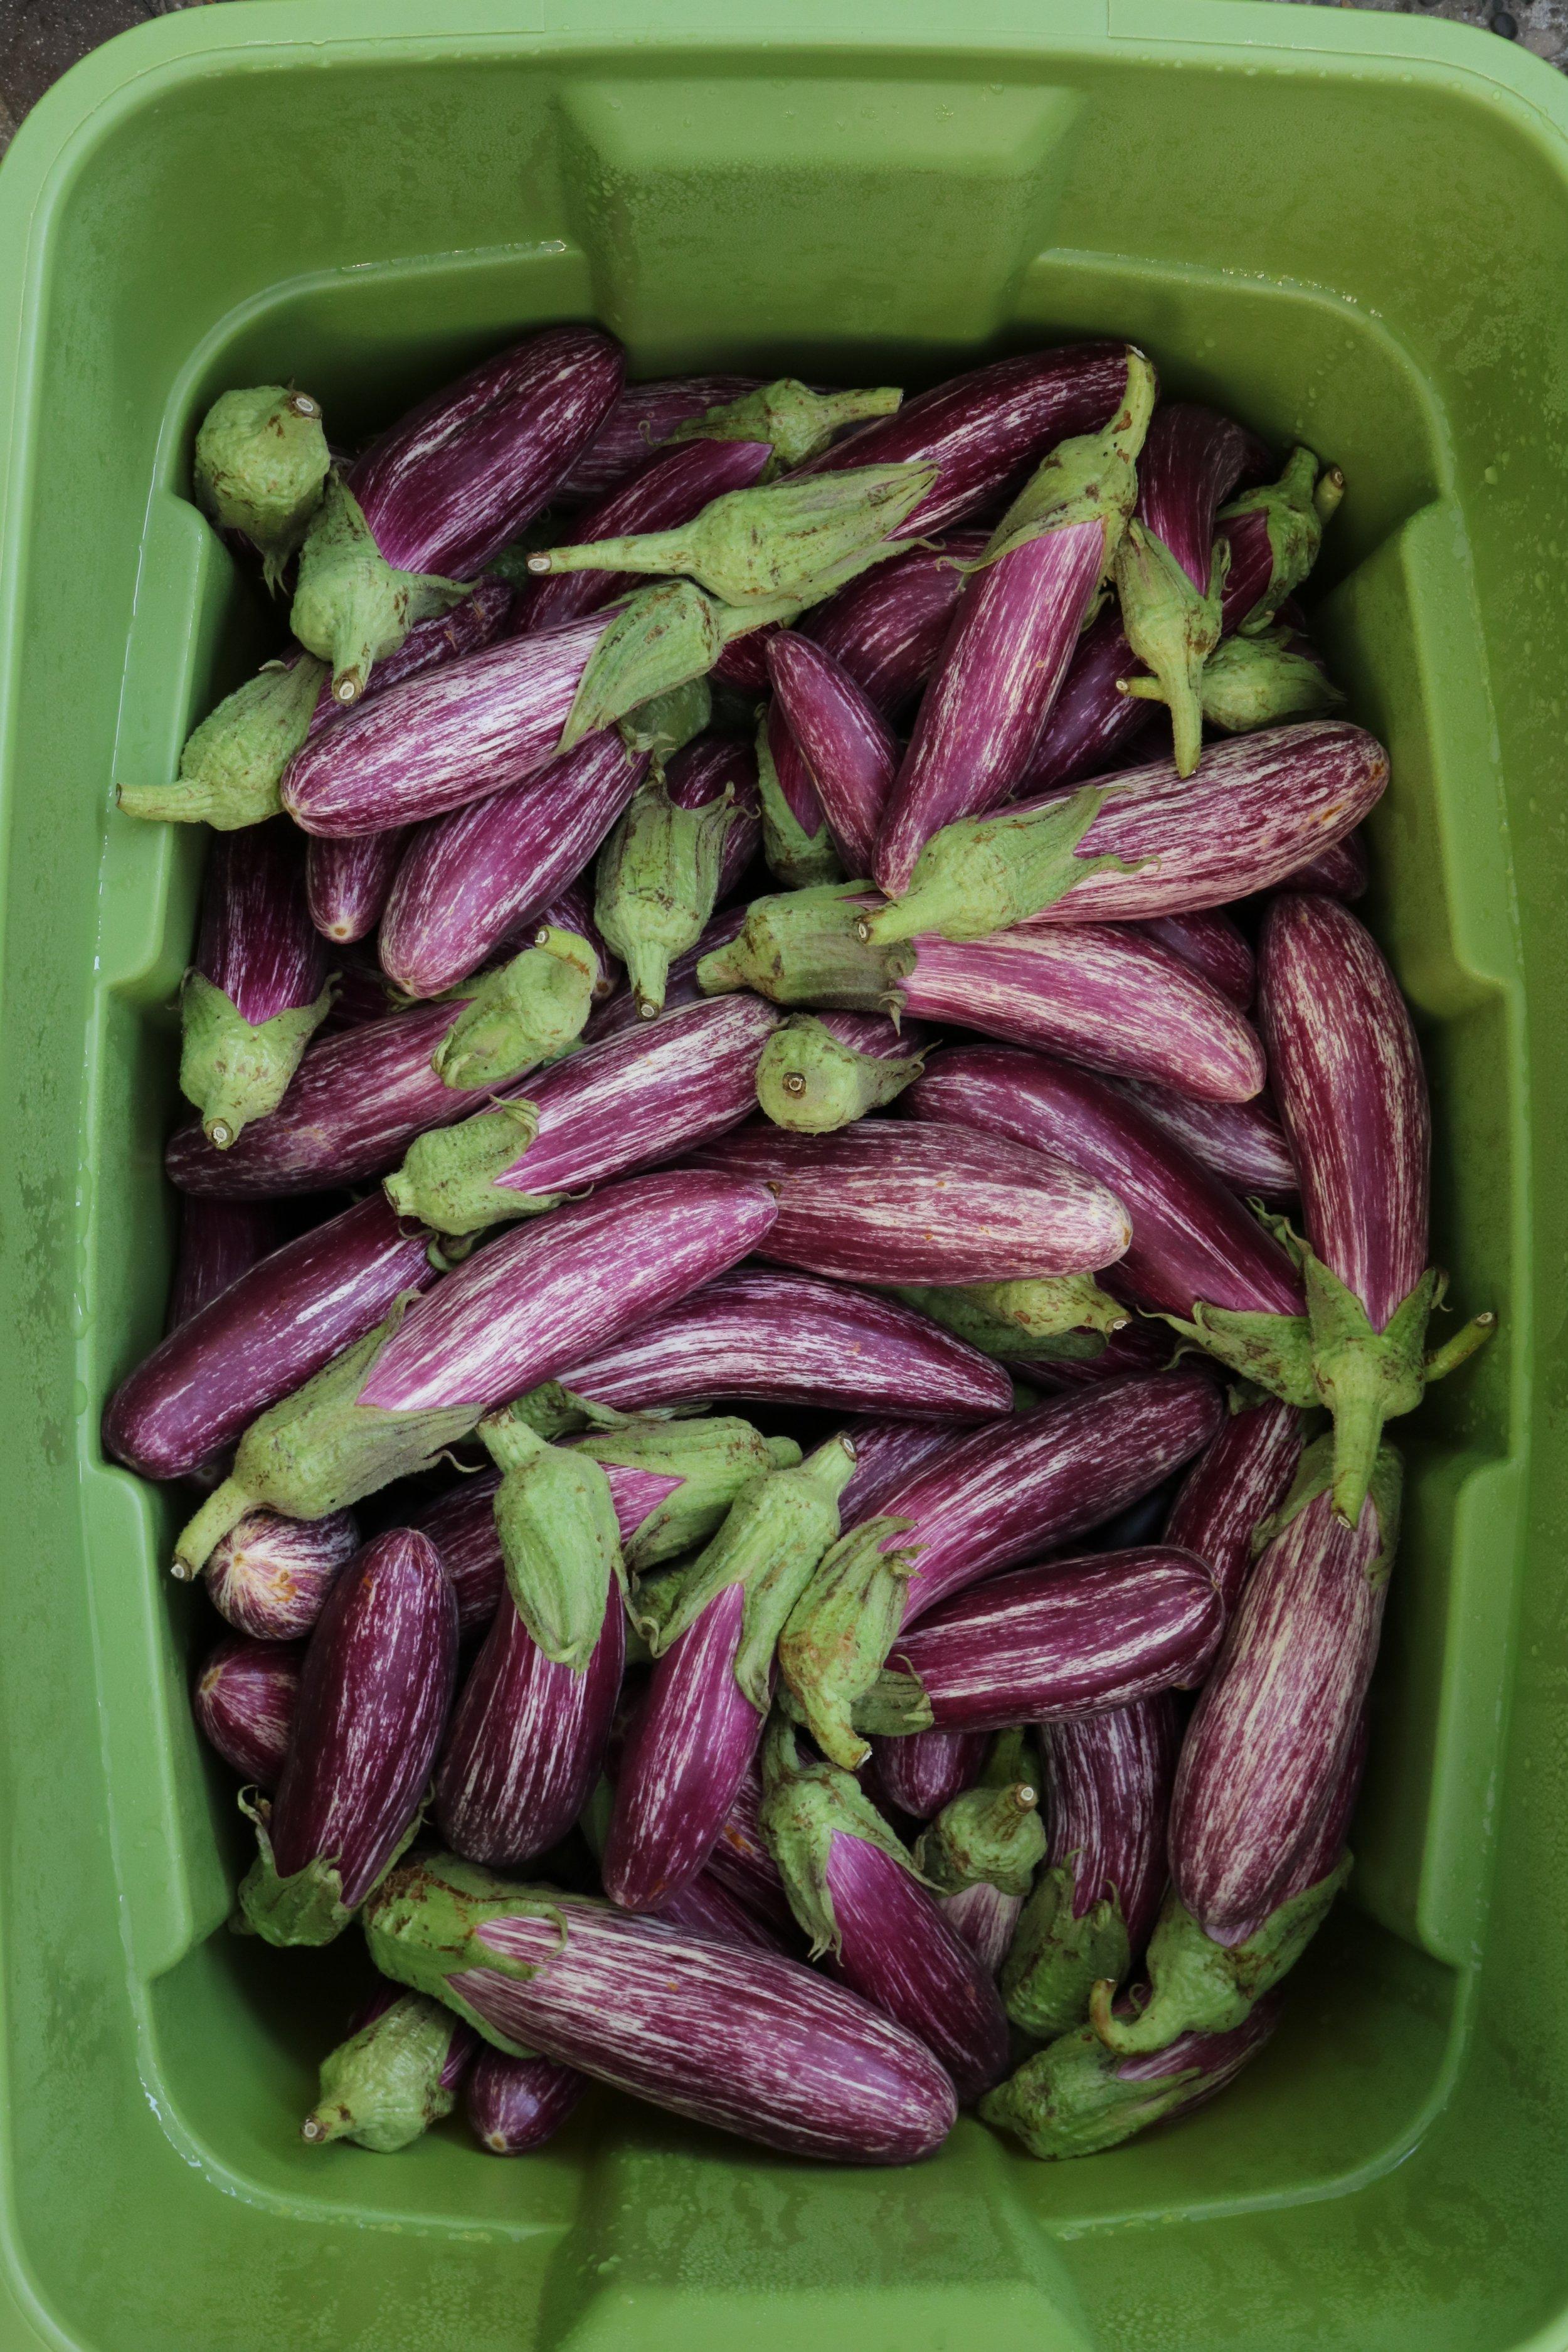 Greek Eggplant from    Square Peg Farm